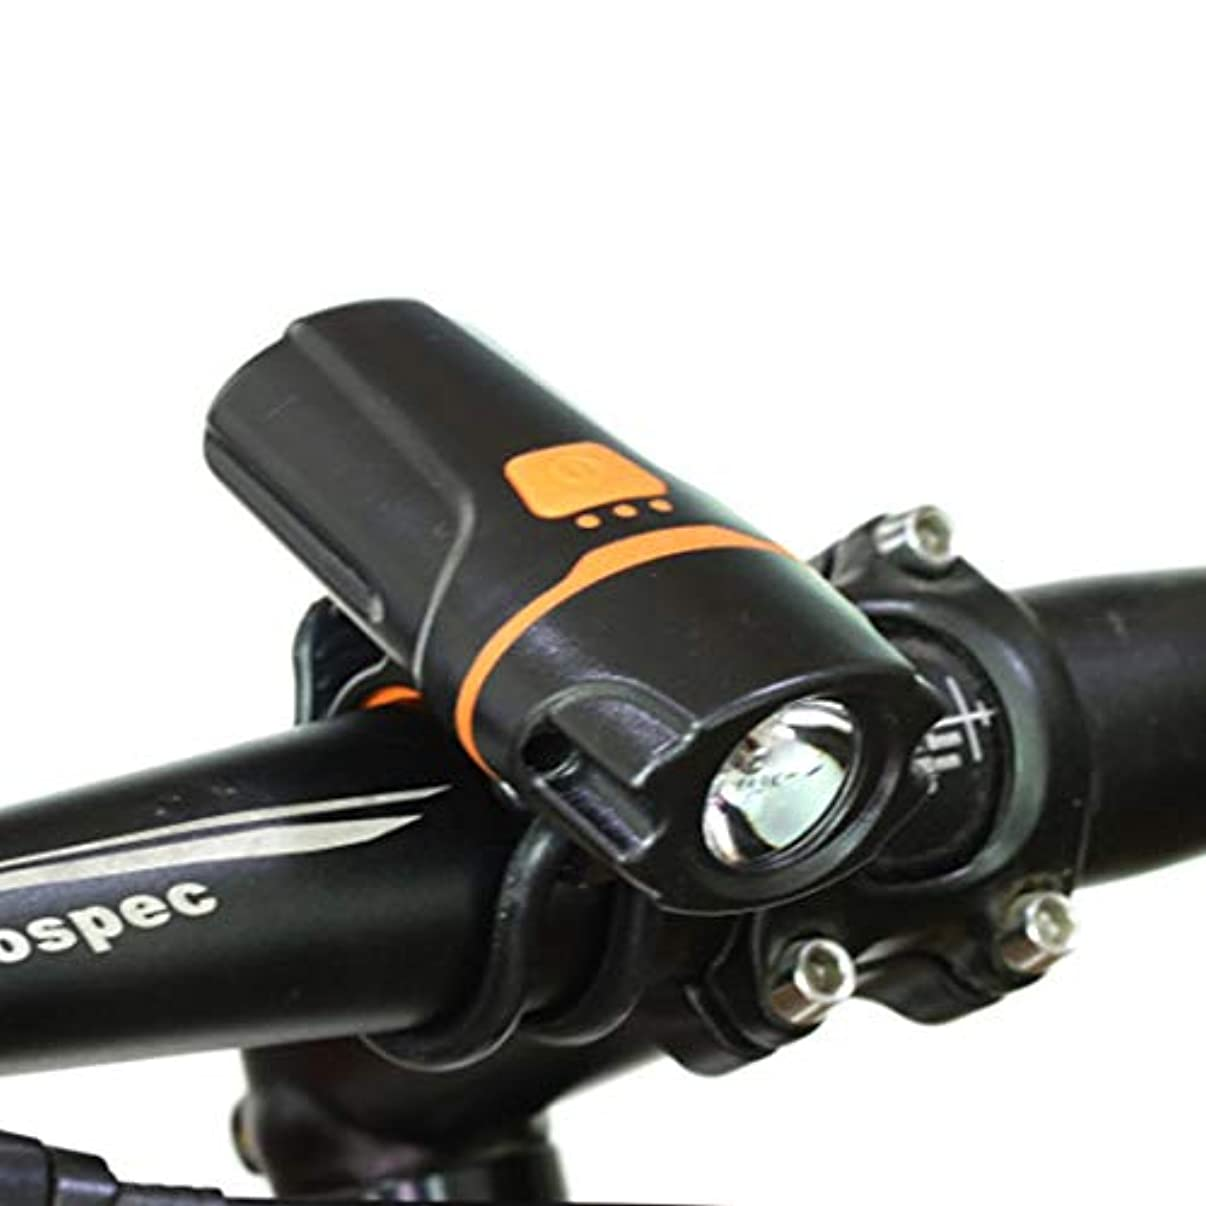 割る発症地下Jhcpca 自転車ライト雨と水の証拠マウンテンバイクヘッドライトUSB充電ブレイズ懐中電灯ナイトライディング機器